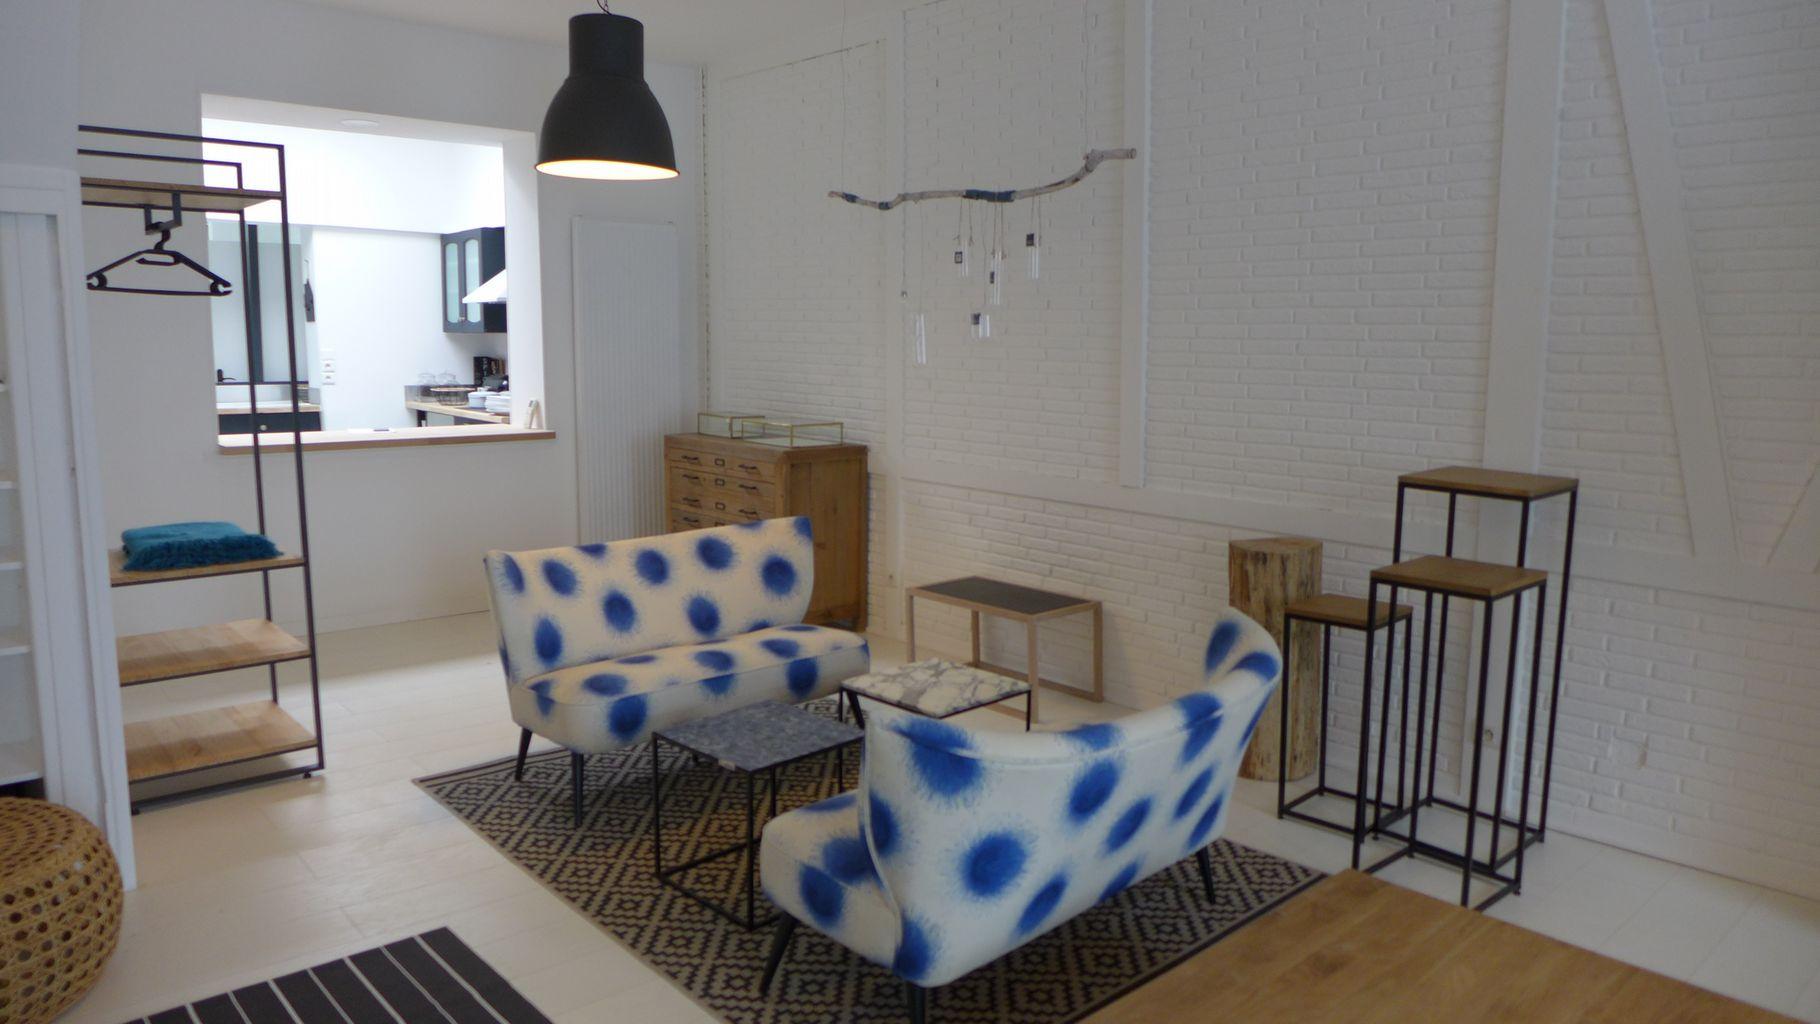 ventes maison mouvaux maison. Black Bedroom Furniture Sets. Home Design Ideas